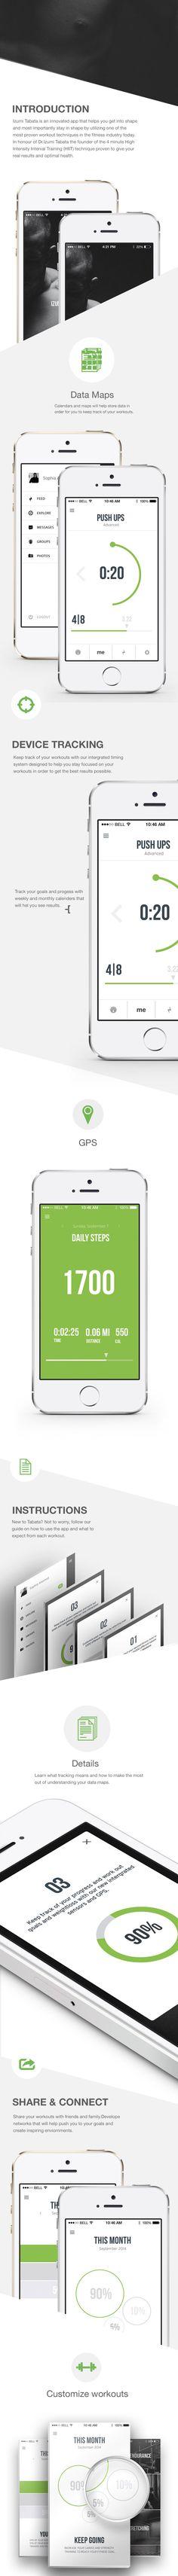 Daily Mobile UI Design Inspiration #360